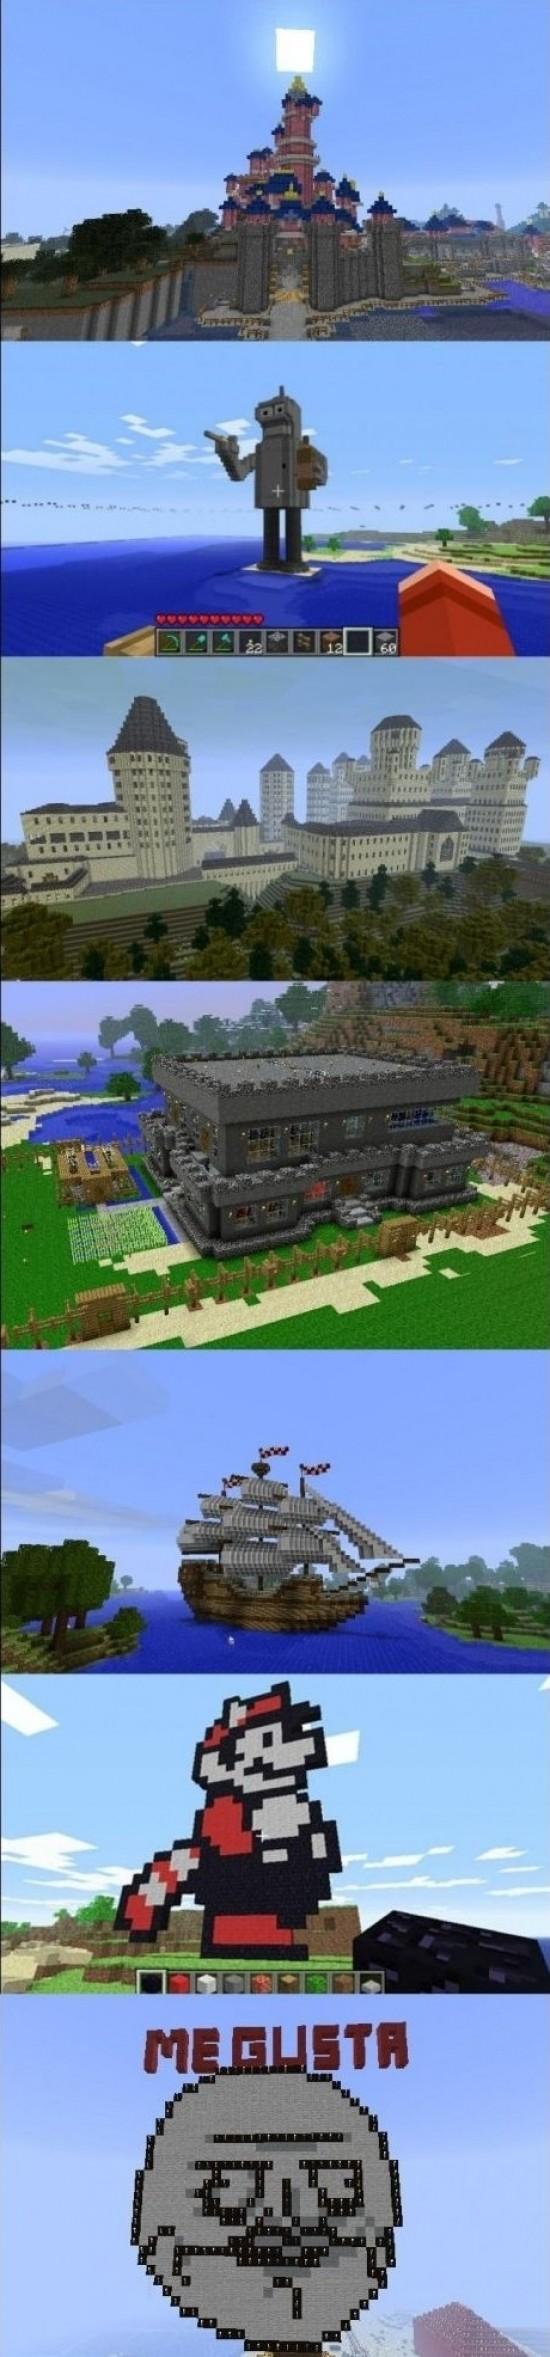 arte,barco,bender,castillo,construcciones,mario,me gusta,minecraft